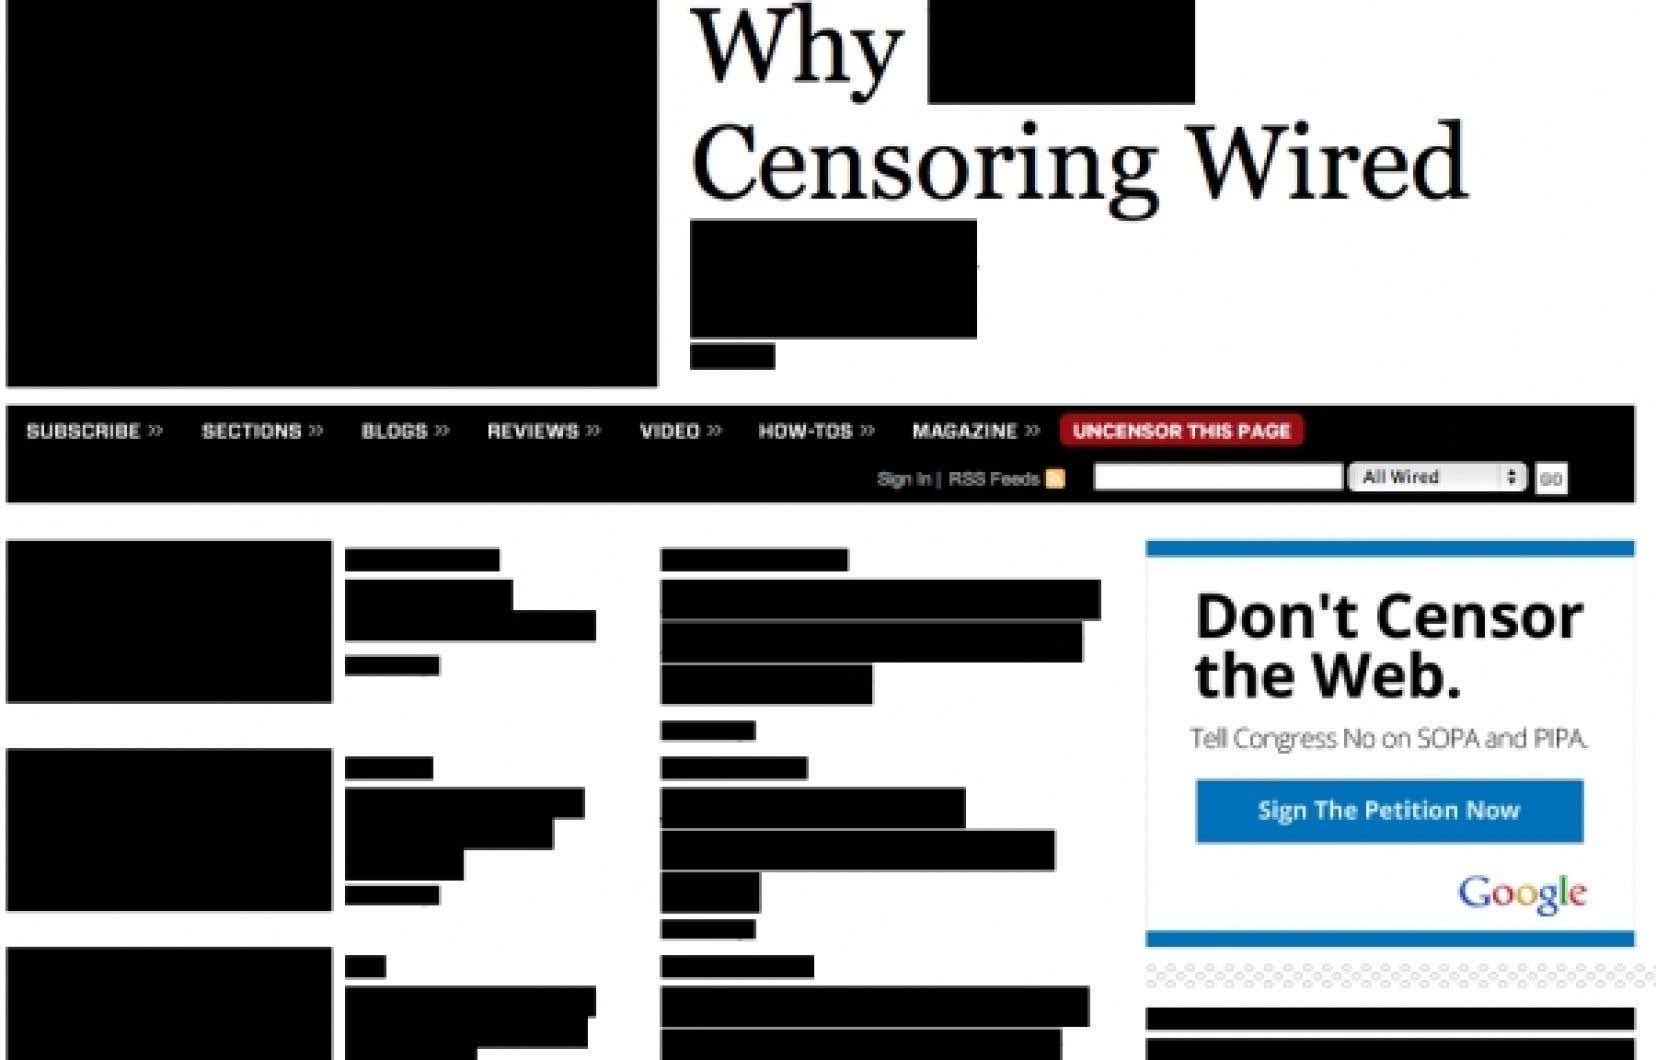 Le magazine Wired a marqué le coup sur la page d'accueil de son site.